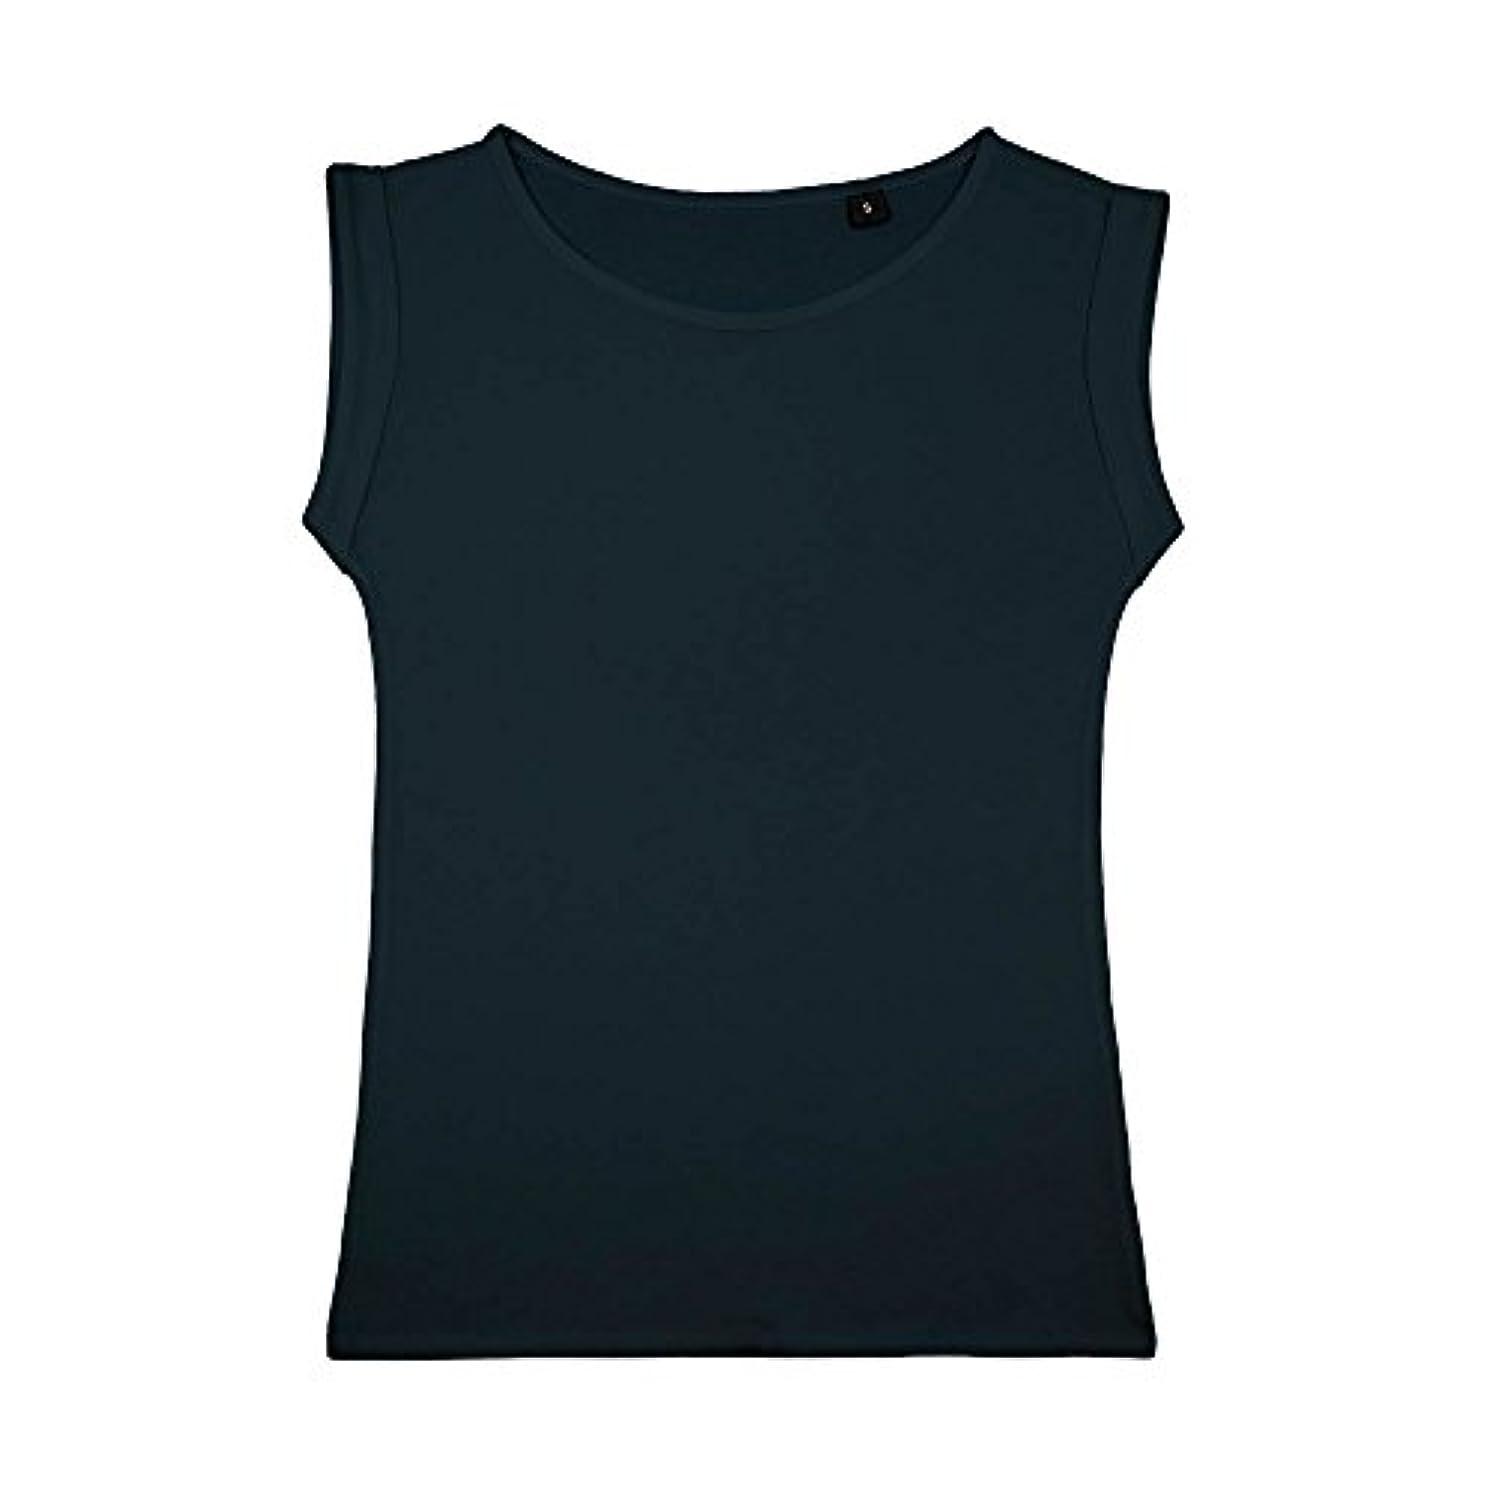 走る自慢赤字(ネイキッドシャツ) Nakedshirt レディース Bessy ロールスリーブ タンクトップ 夏